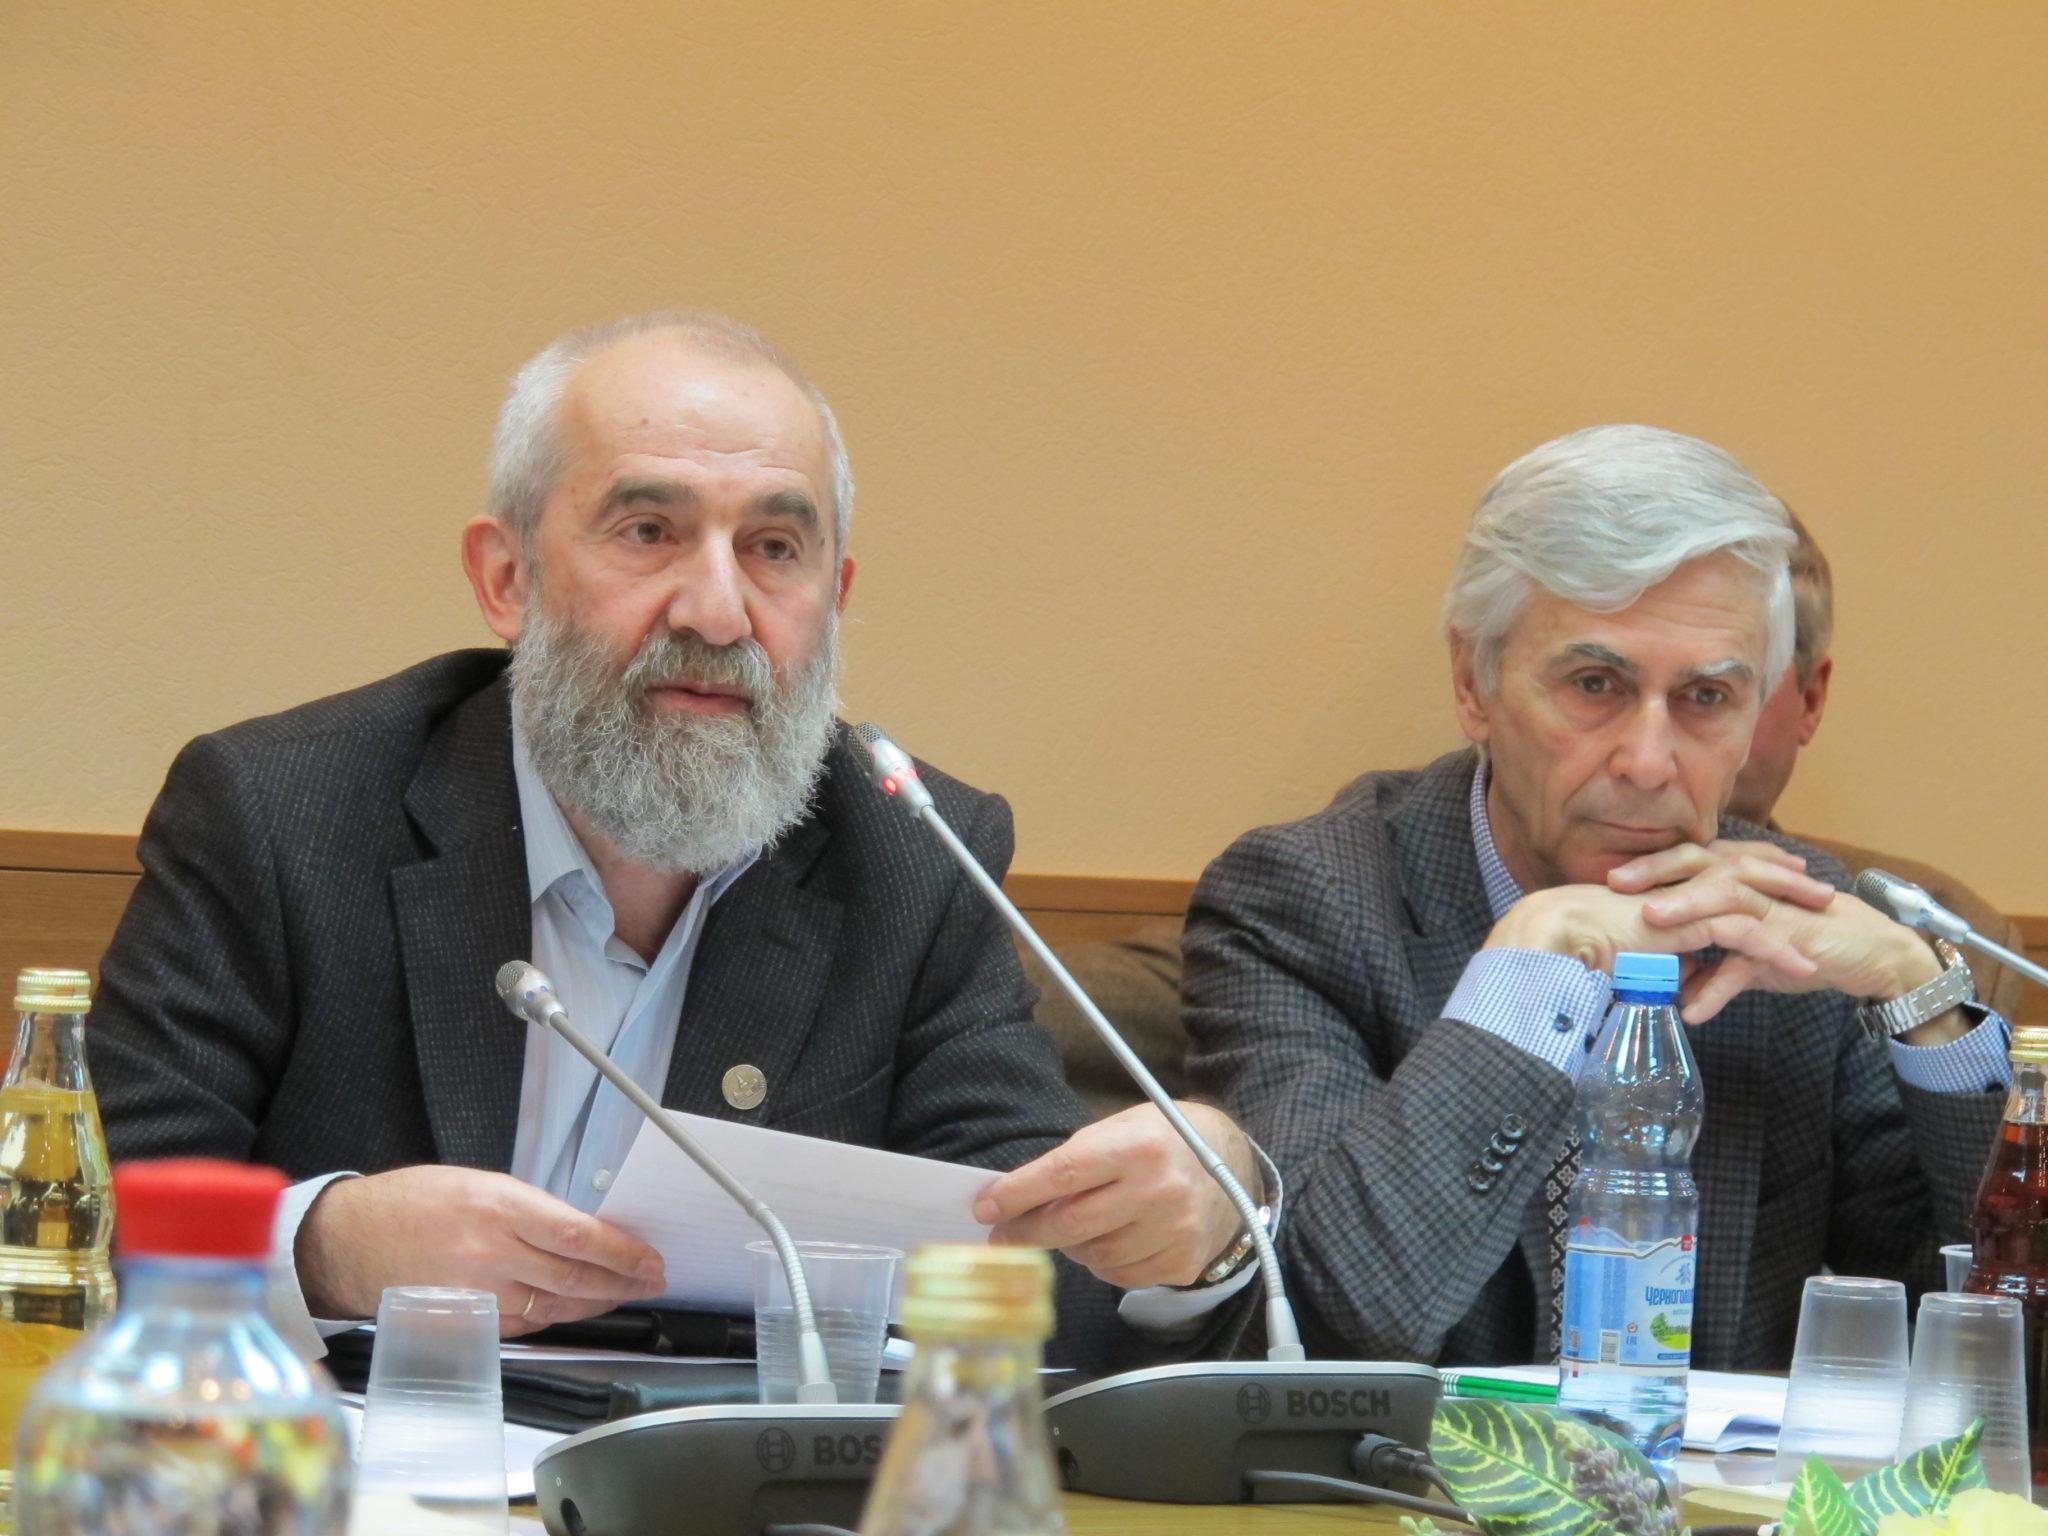 Комитет Госдумы по науке поддержал законопроект об отмене срока  Андрей Цатурян и Михаил Данилов на обсуждении законопроекта